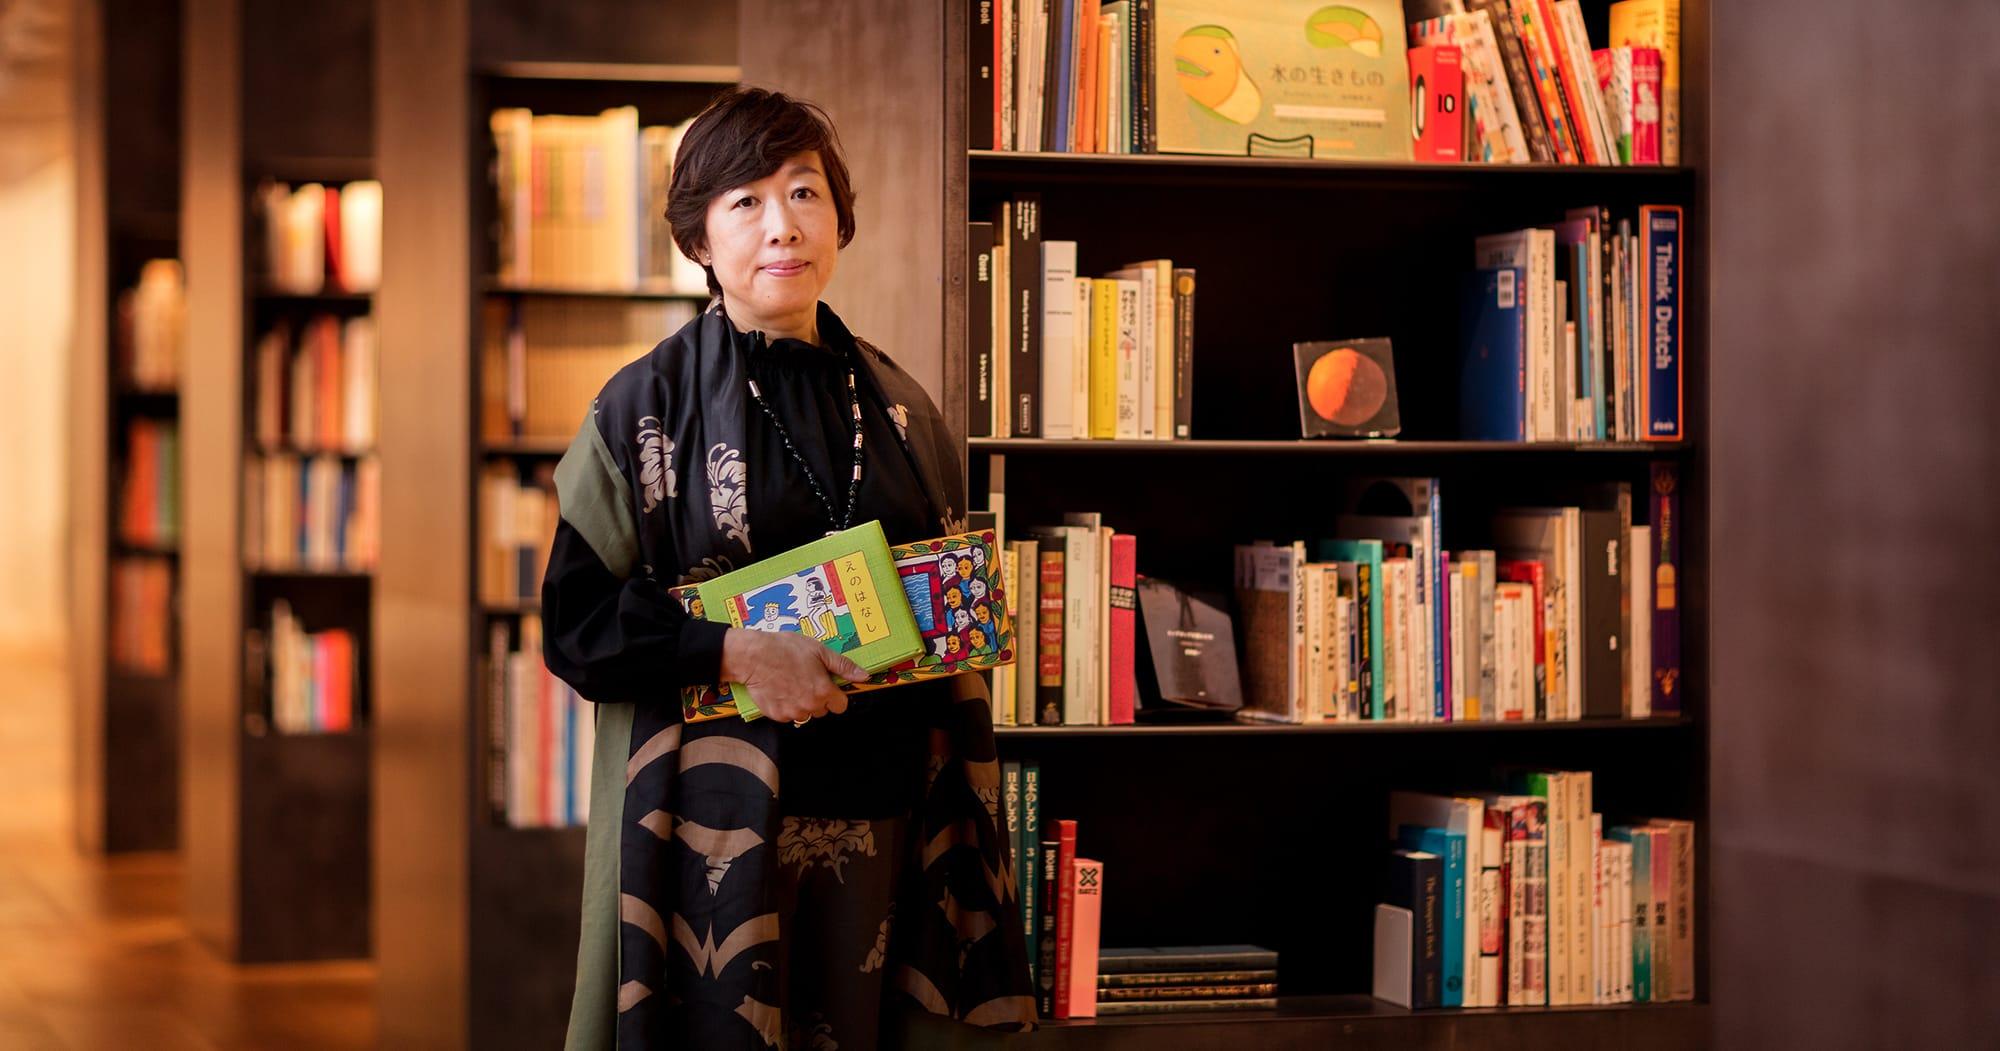 板橋区立美術館の館長代理を務める松岡希代子さん